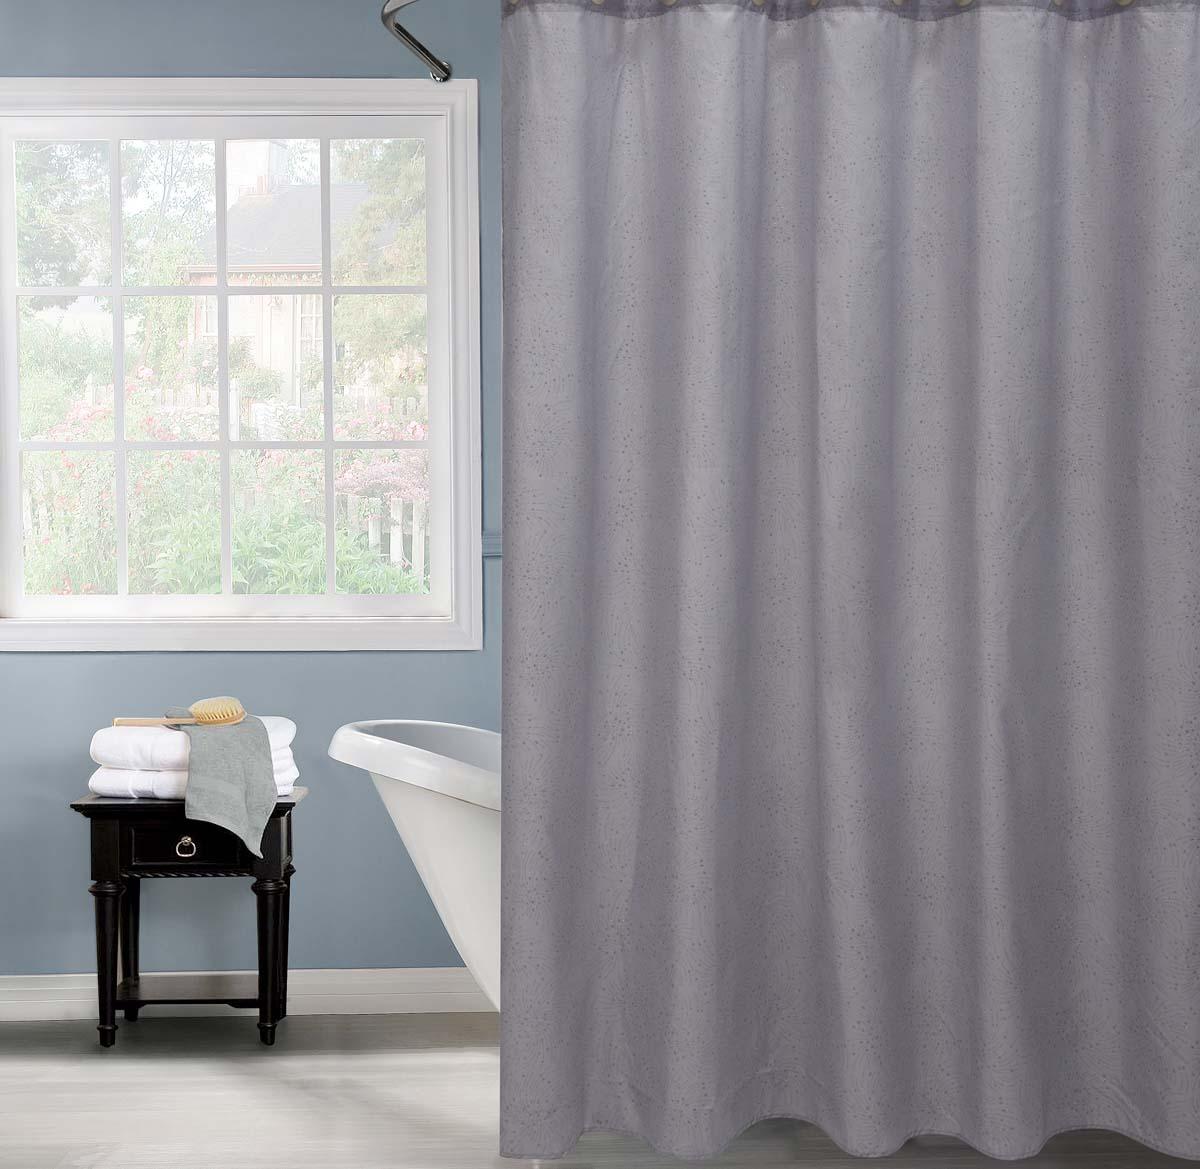 Штора для ванной комнаты Salvo из 100% полиэстера выполнена в стальном оттенке. Красивые вышитые узоры из страз создают приятный внешний вид. Материал очень качественный, не поддается воздействию света и влаги, а высокая экологичность обезопасит от любых аллергических реакций. Изделие защищено от мелких механических повреждений, не рвется и не собирает пыль. Штора не требует кропотливого ухода и легко стирается при температуре воды в 30 °C. Штора снабжена 12 металлическими люверсами, которые не ржавеют и надежно крепятся к шторке.